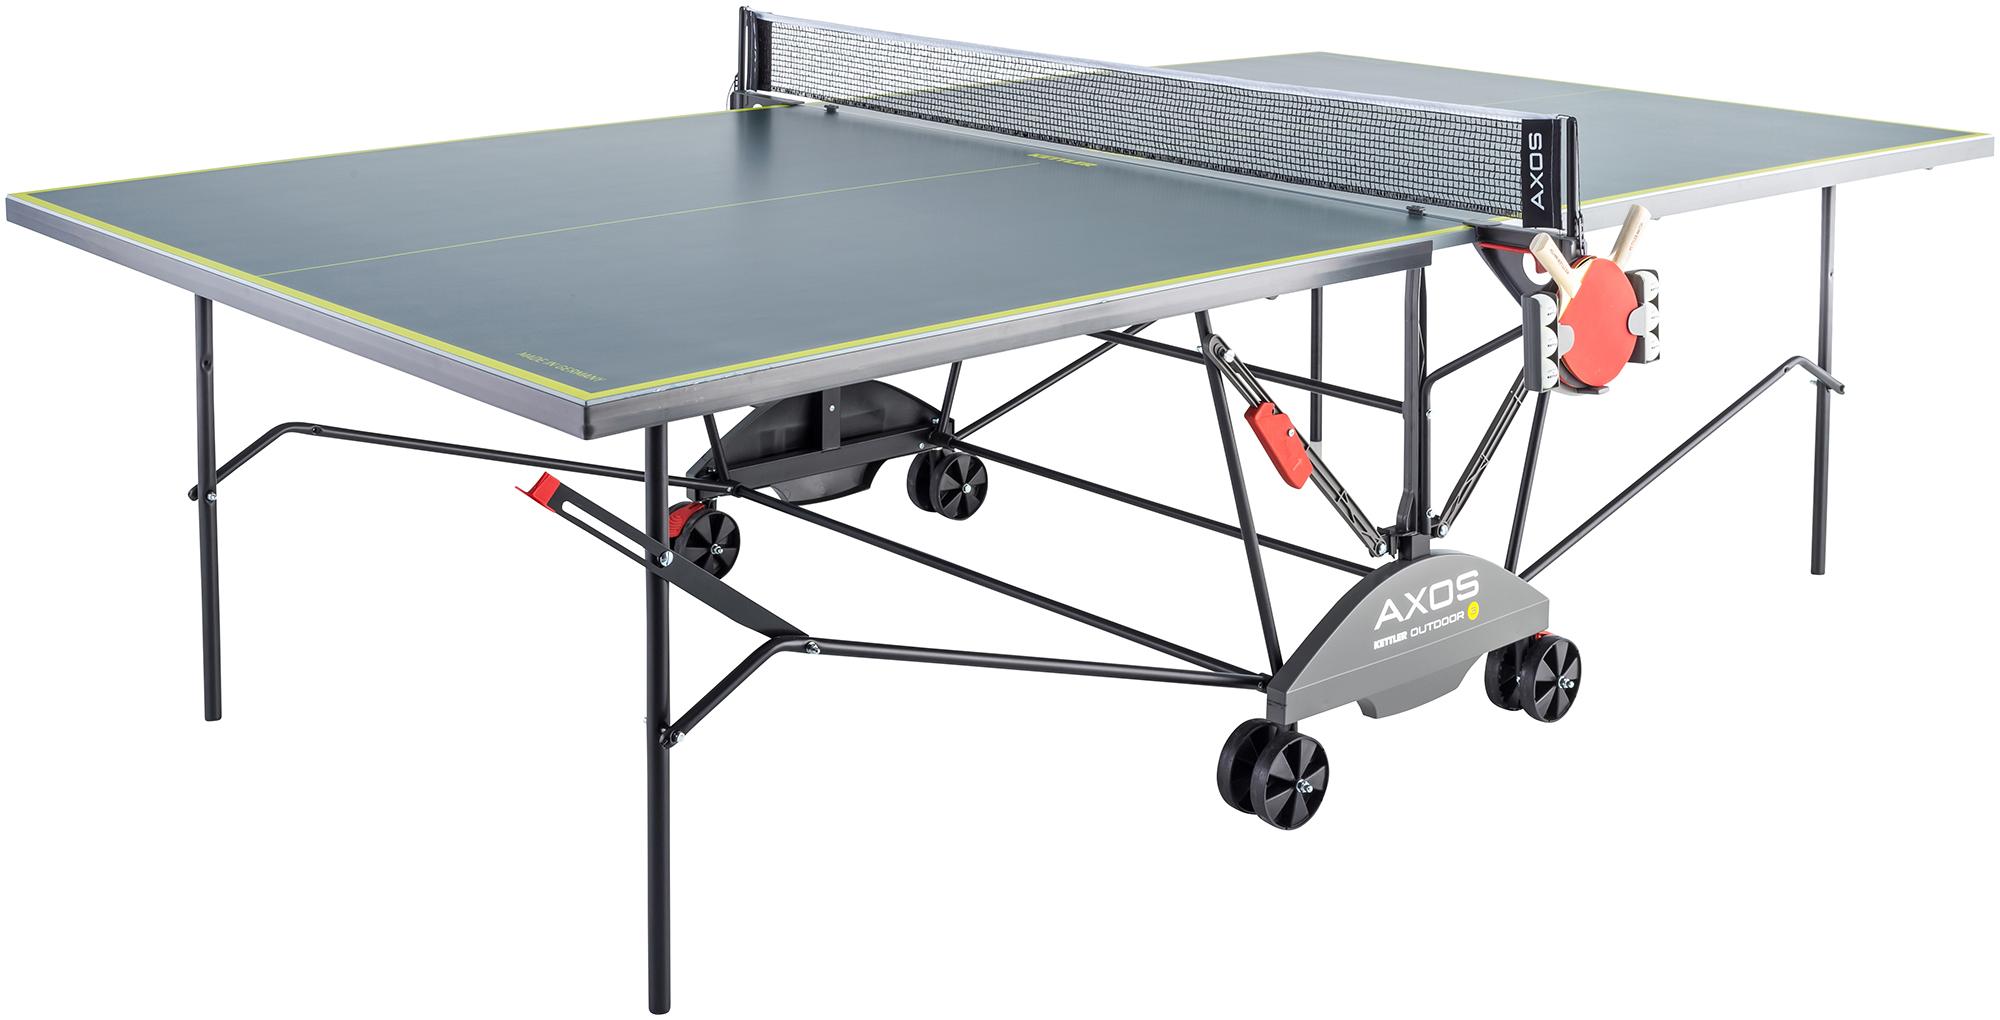 Kettler Теннисный стол Kettler Axos Outdoor 3